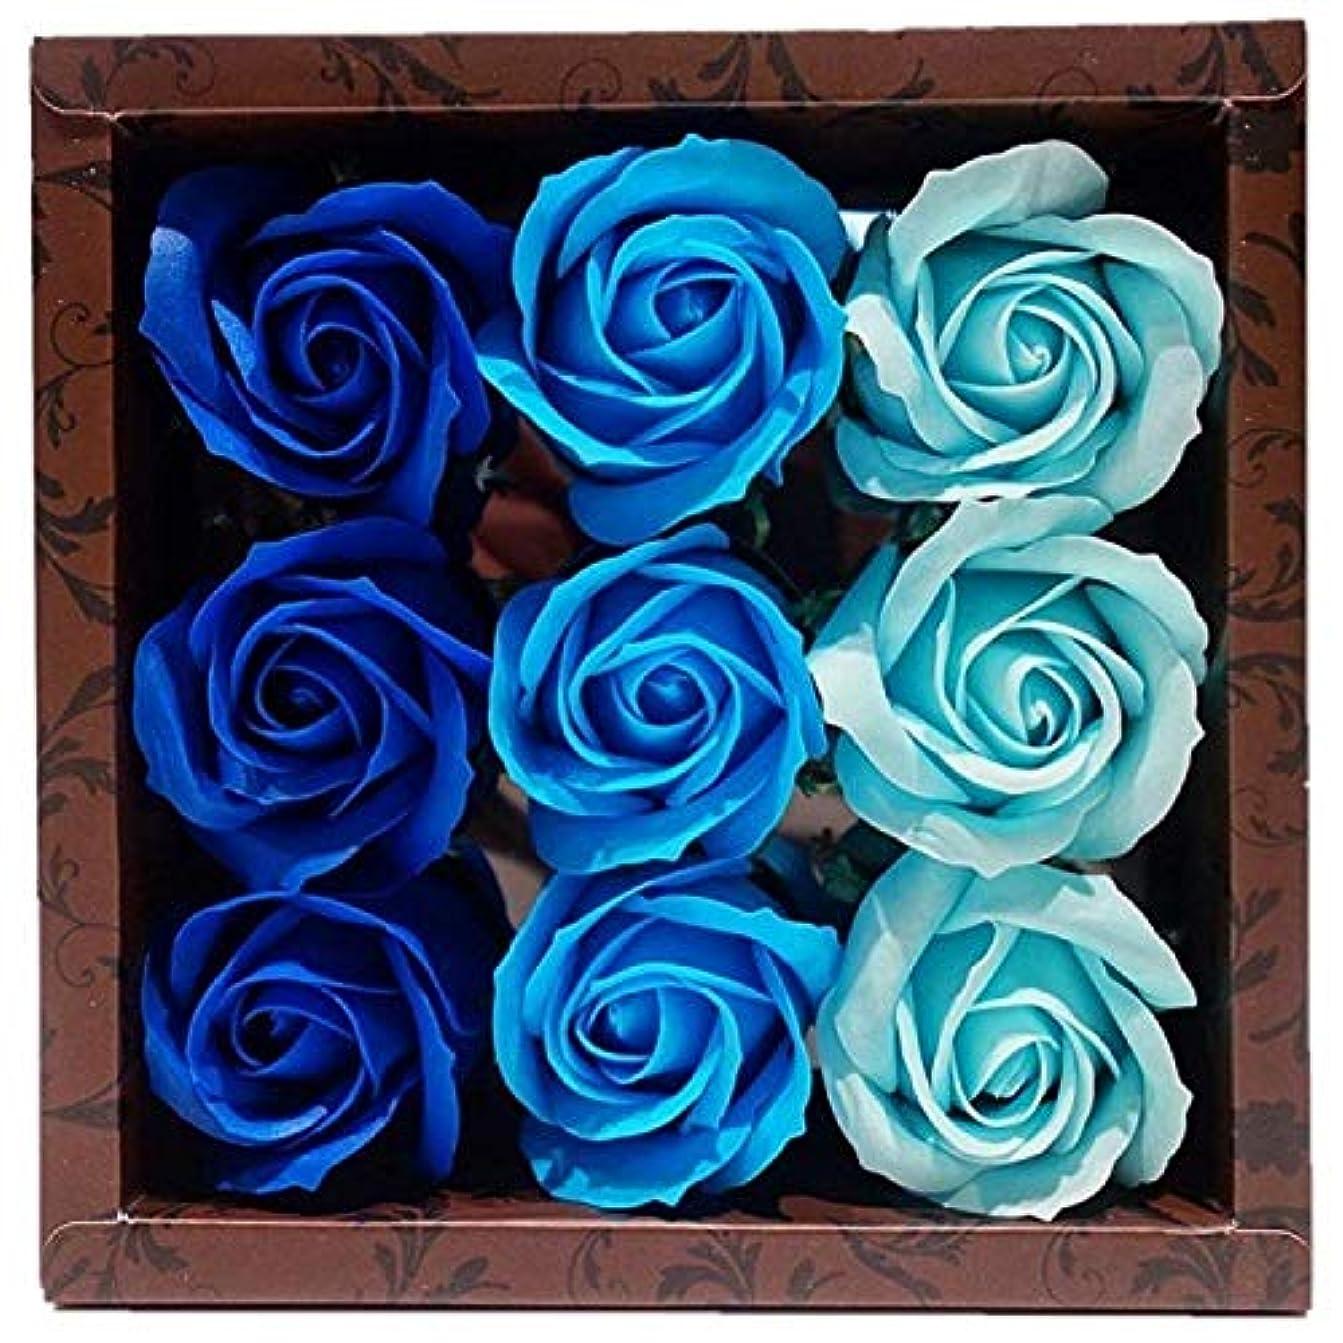 電報上院測るバスフレグランス バスフラワー ローズフレグランス ブルーカラー ギフト お花の形の入浴剤 ばら